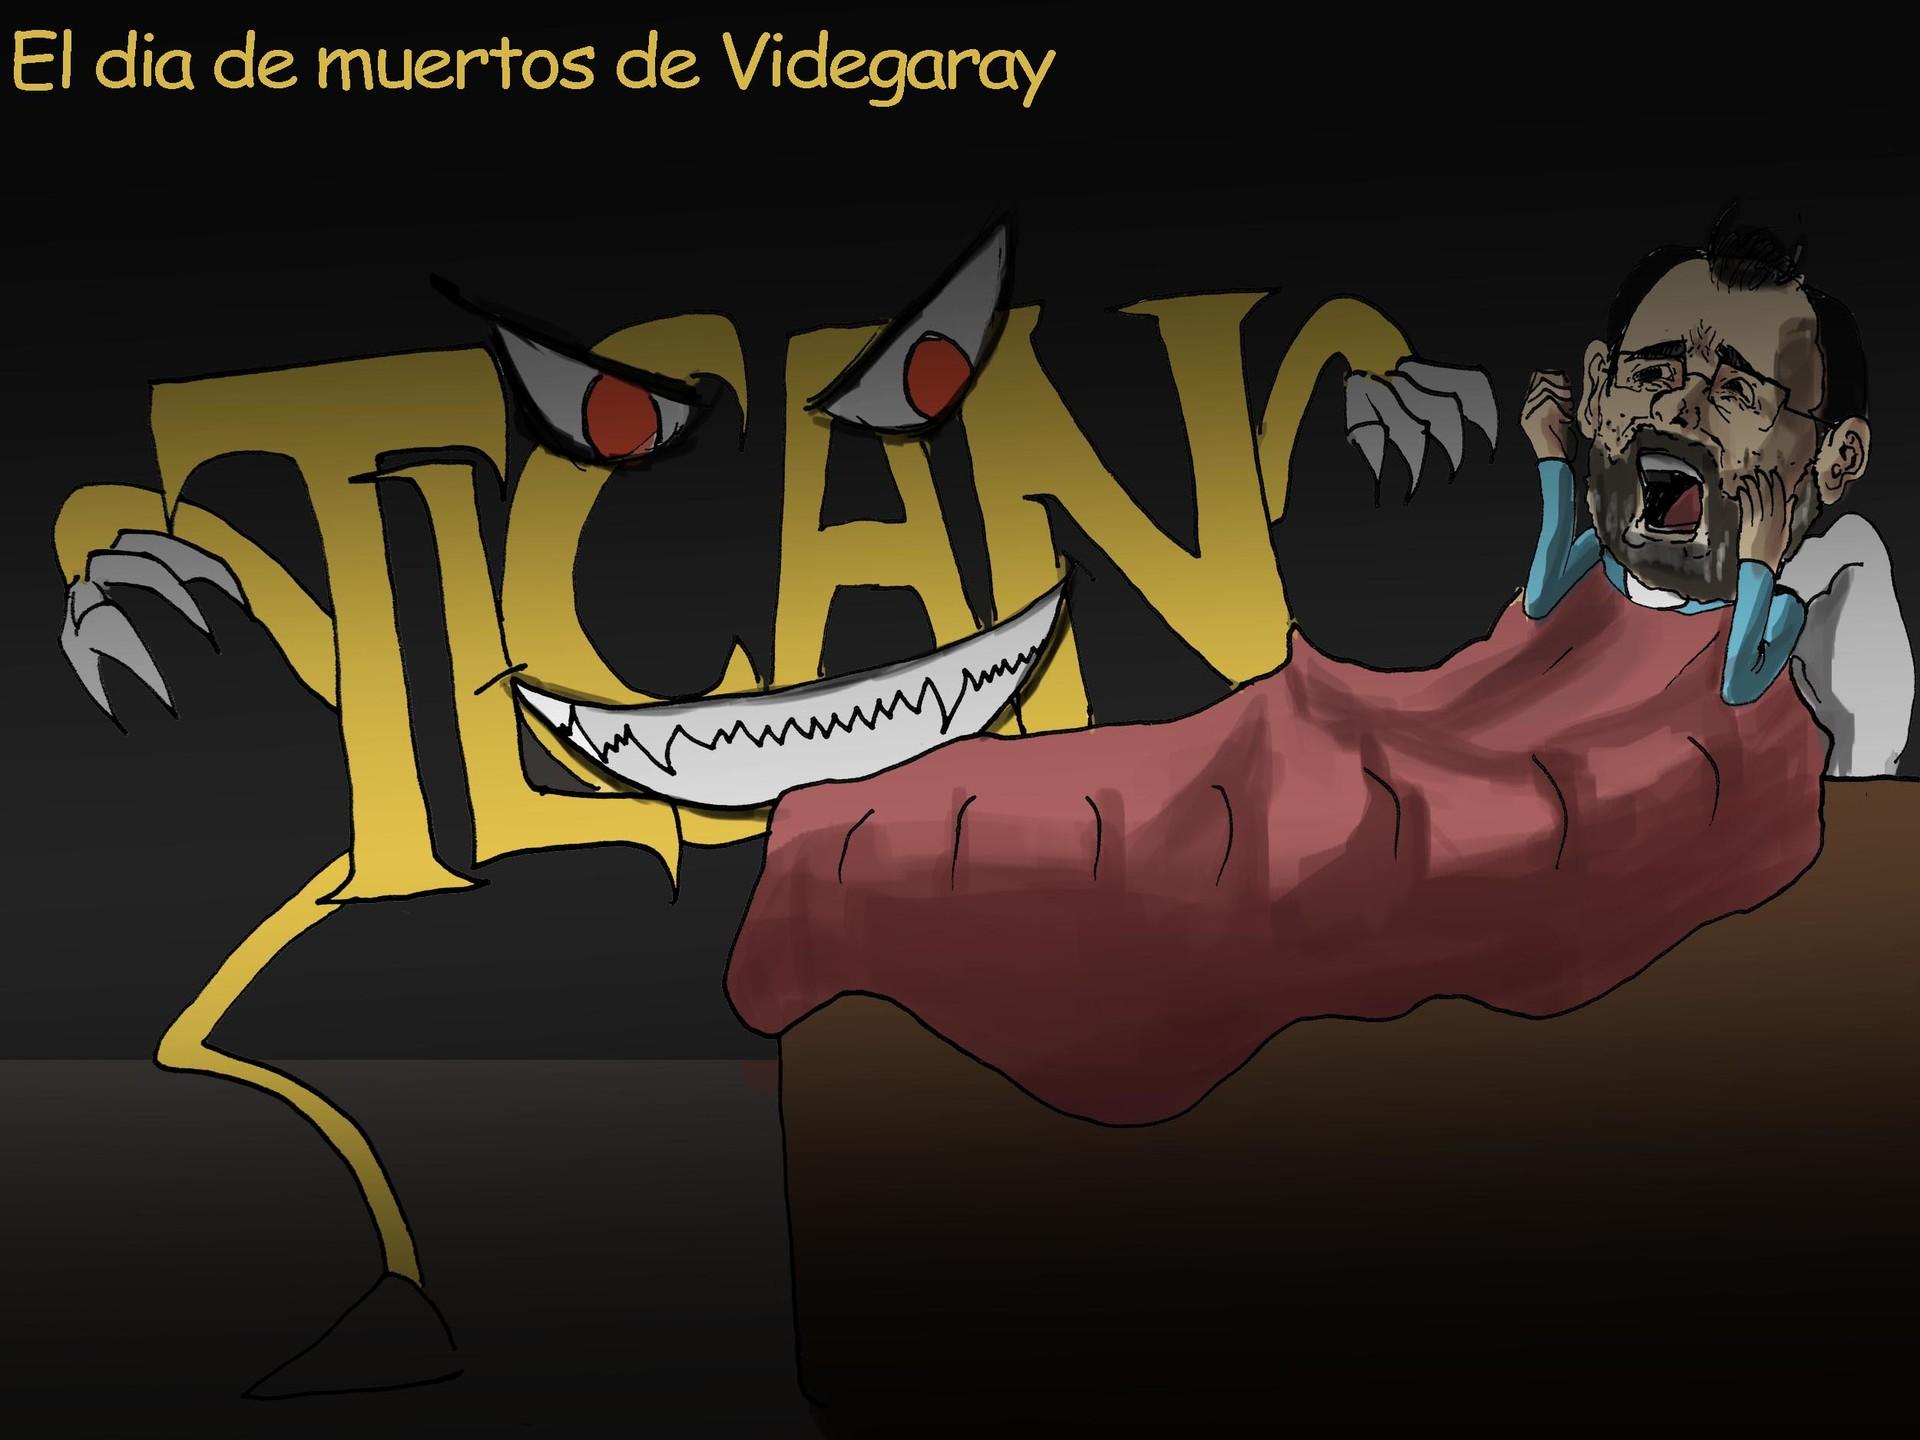 Luis jair vazquez videray